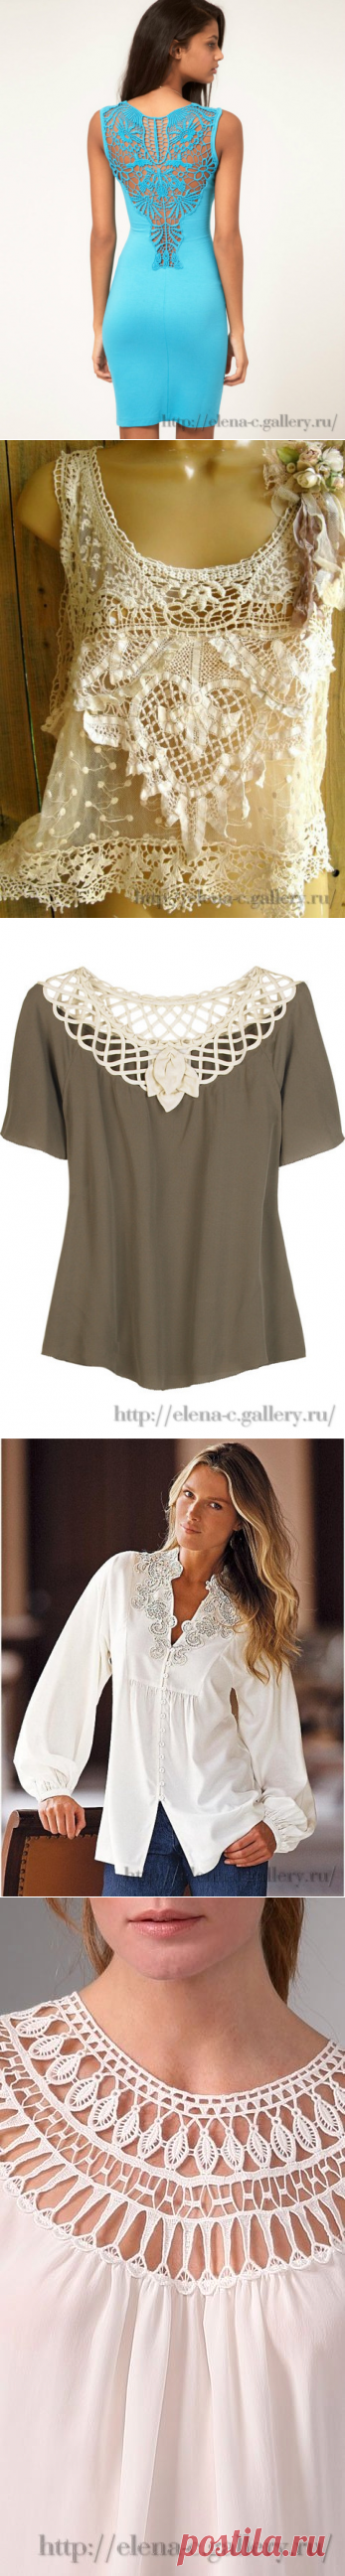 Оживить блузки (ткань + крючок)